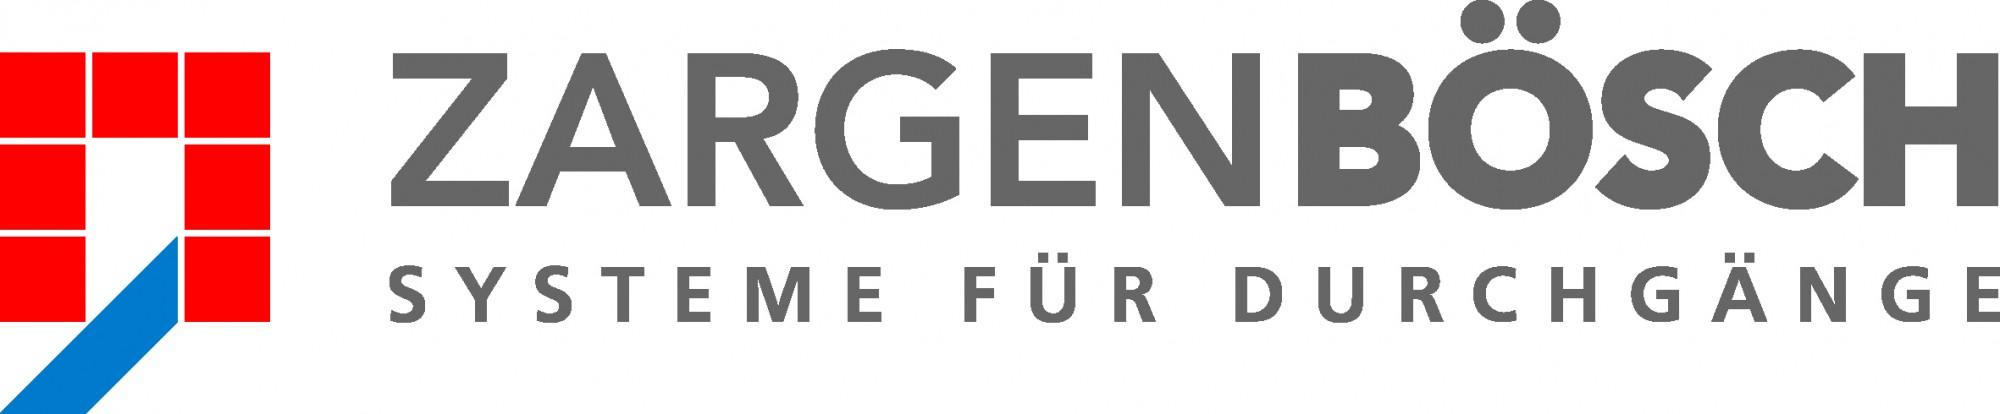 Partner-ZargenBoesch